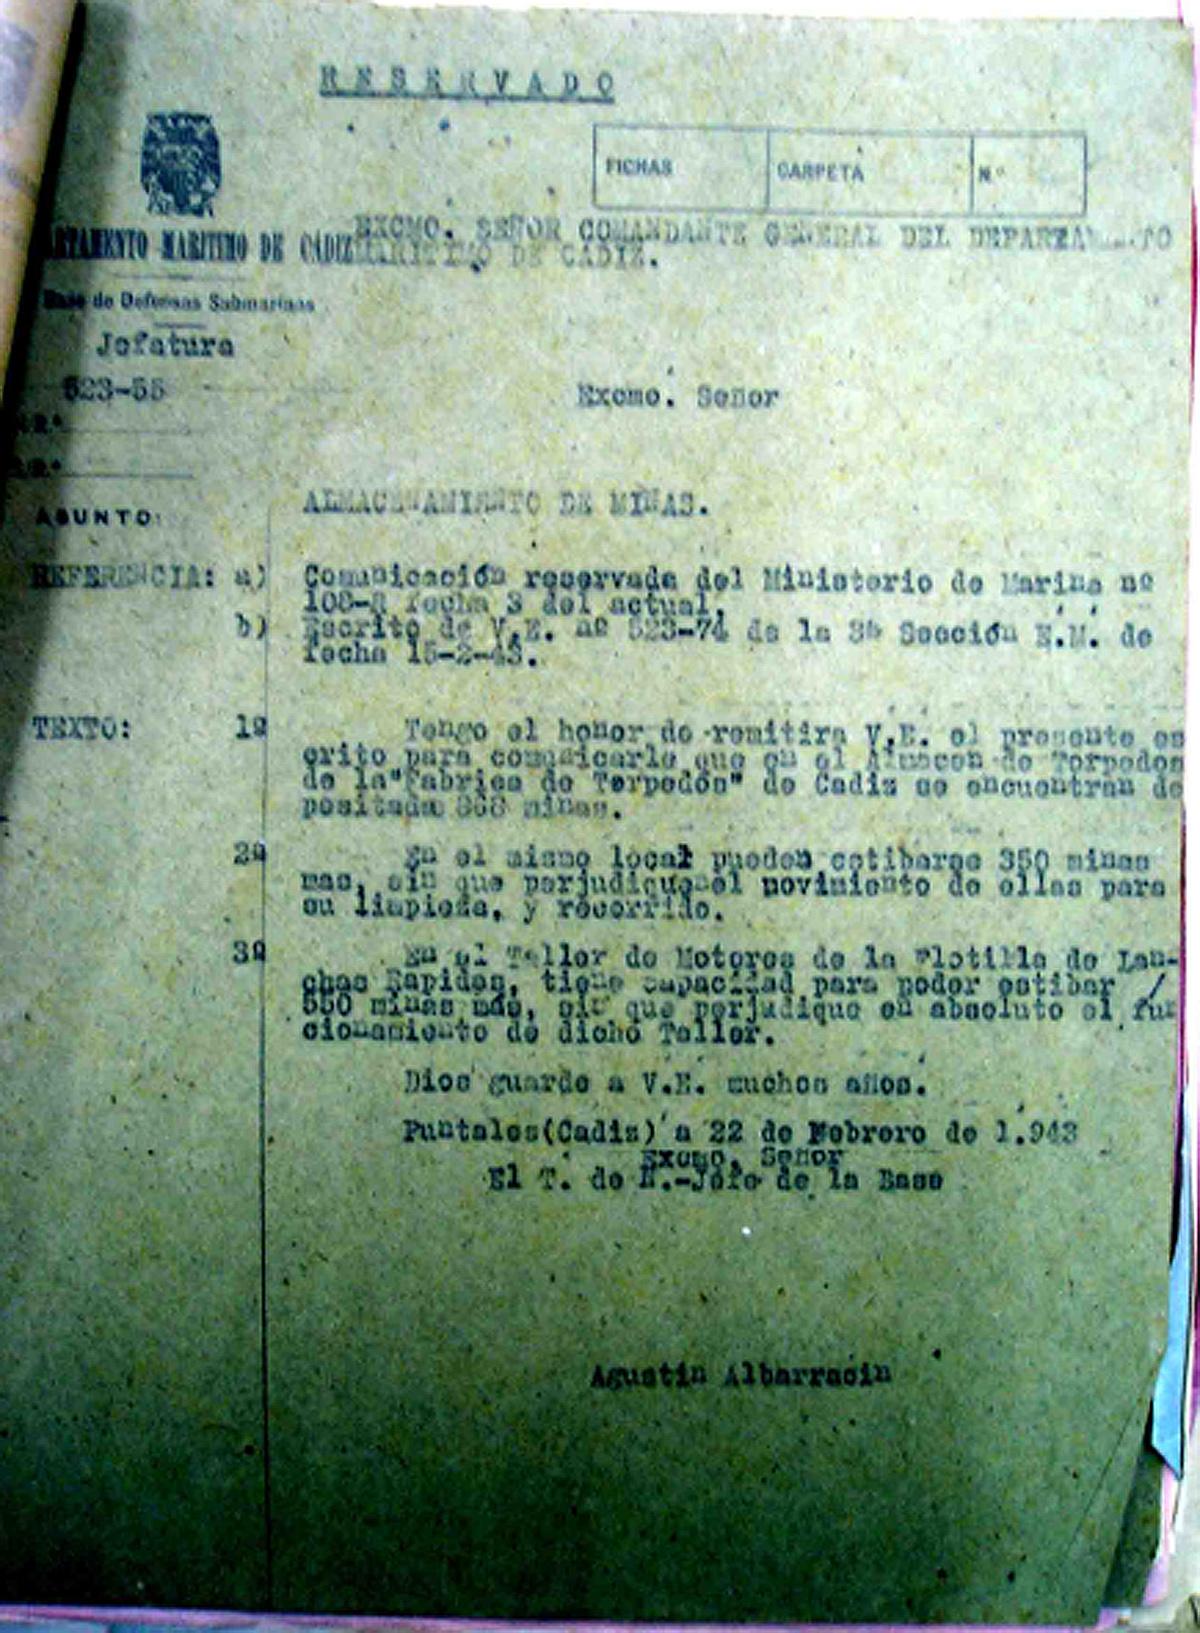 Escrito sobre el almacenamiento de minas existente a 22 de febrero de 1943